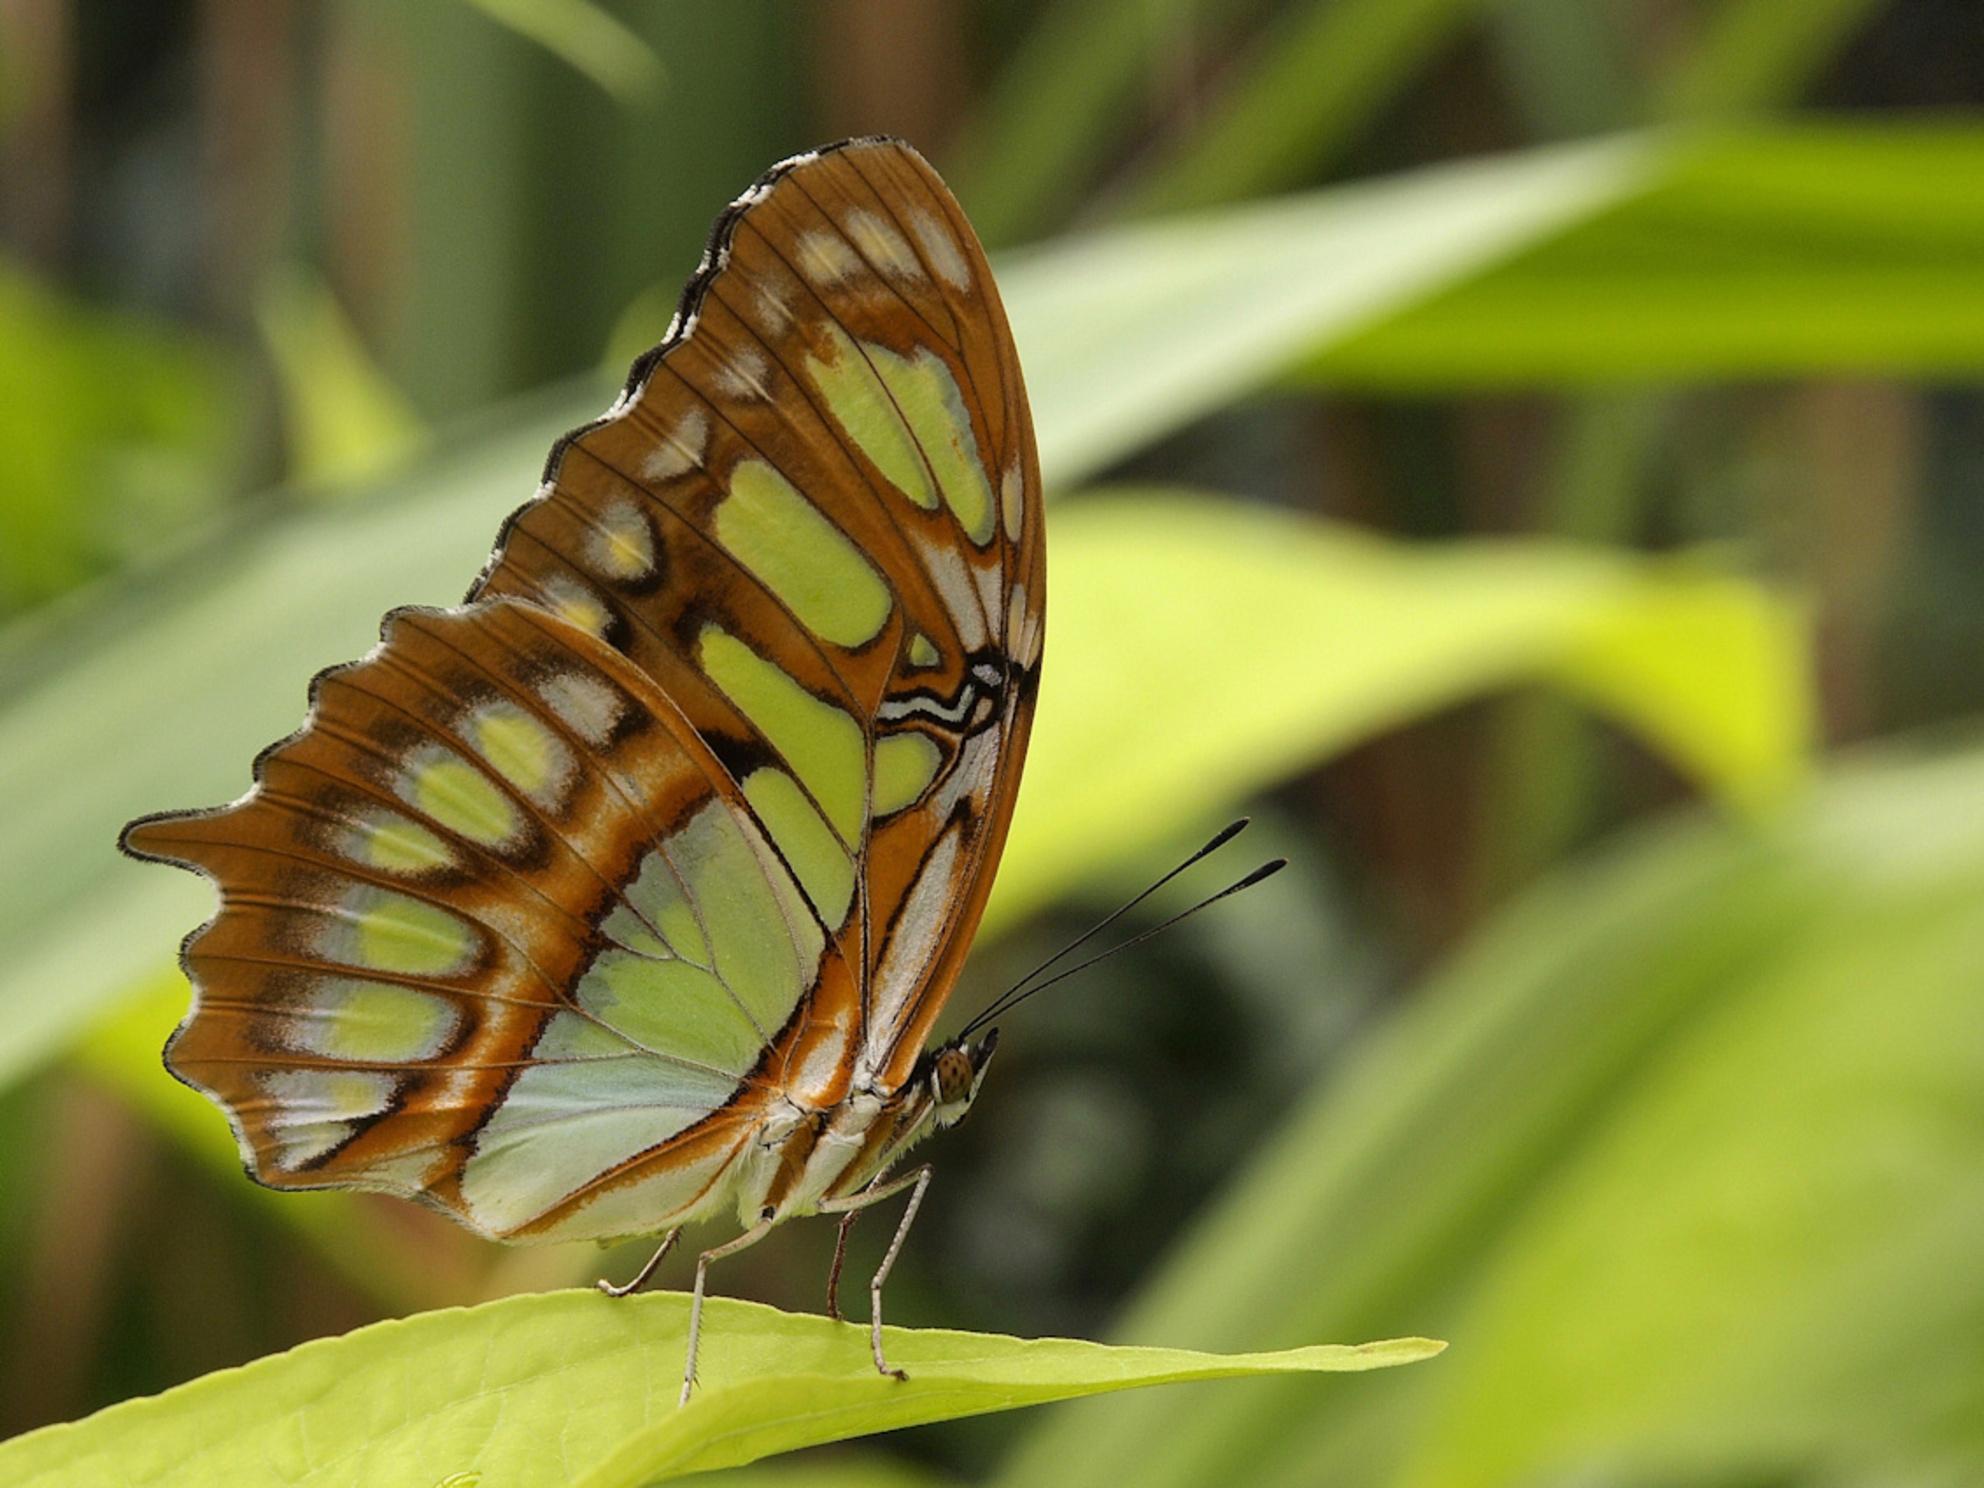 Vlinder - Blijdorp - foto door ErikSchollaart op 26-01-2014 - deze foto bevat: rotterdam, vlinder, blijdorp - Deze foto mag gebruikt worden in een Zoom.nl publicatie